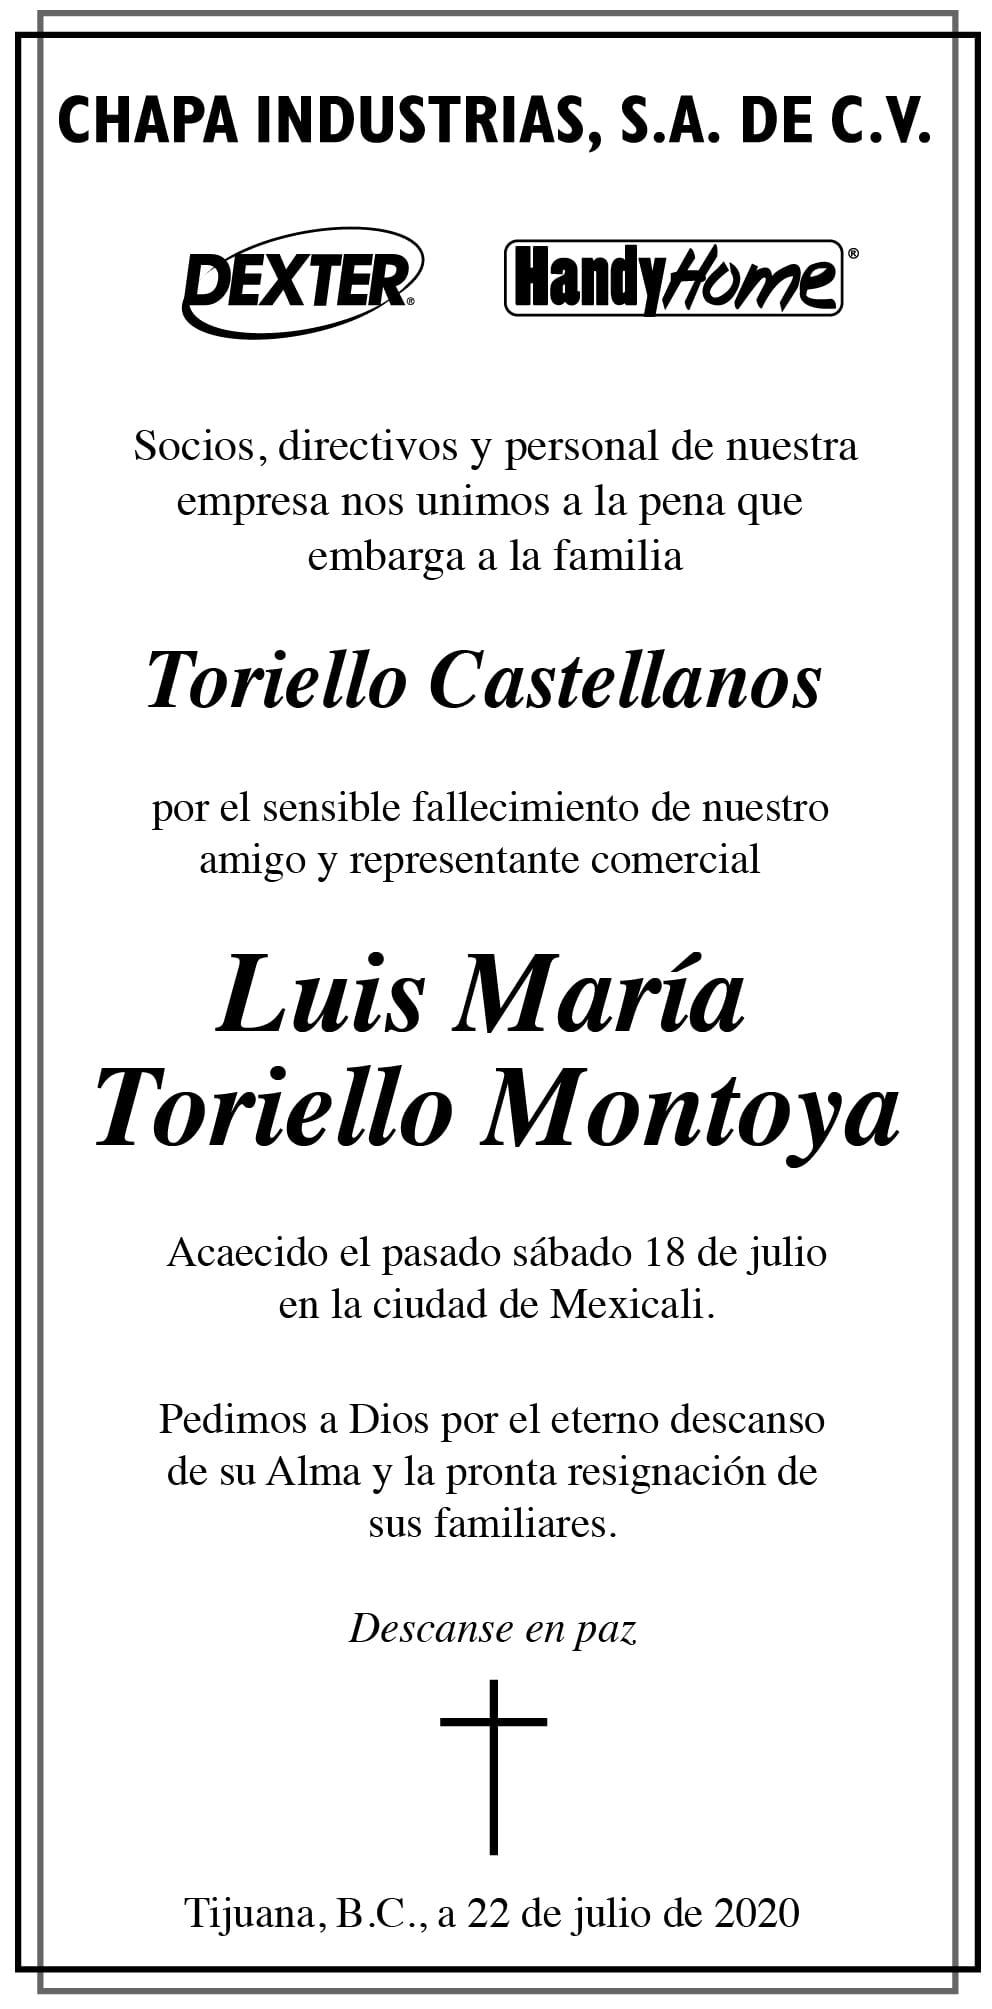 Luis María Toriello Montoya